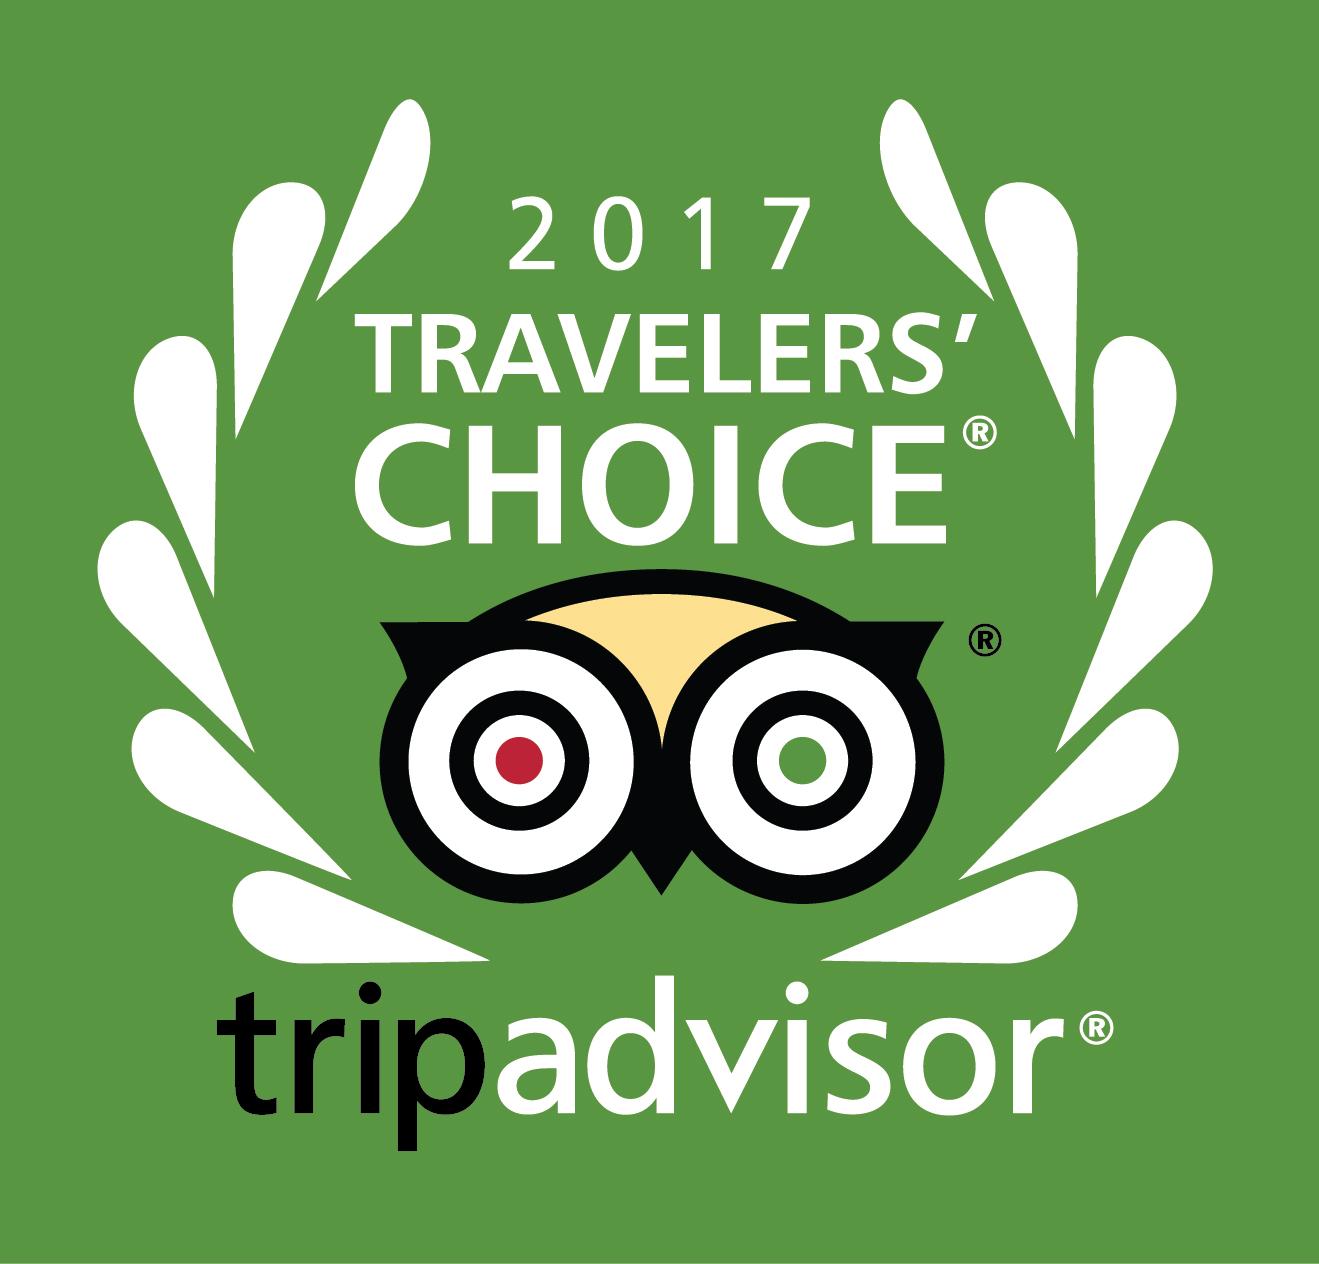 Tripadvisor 2017 Traveler's Choice